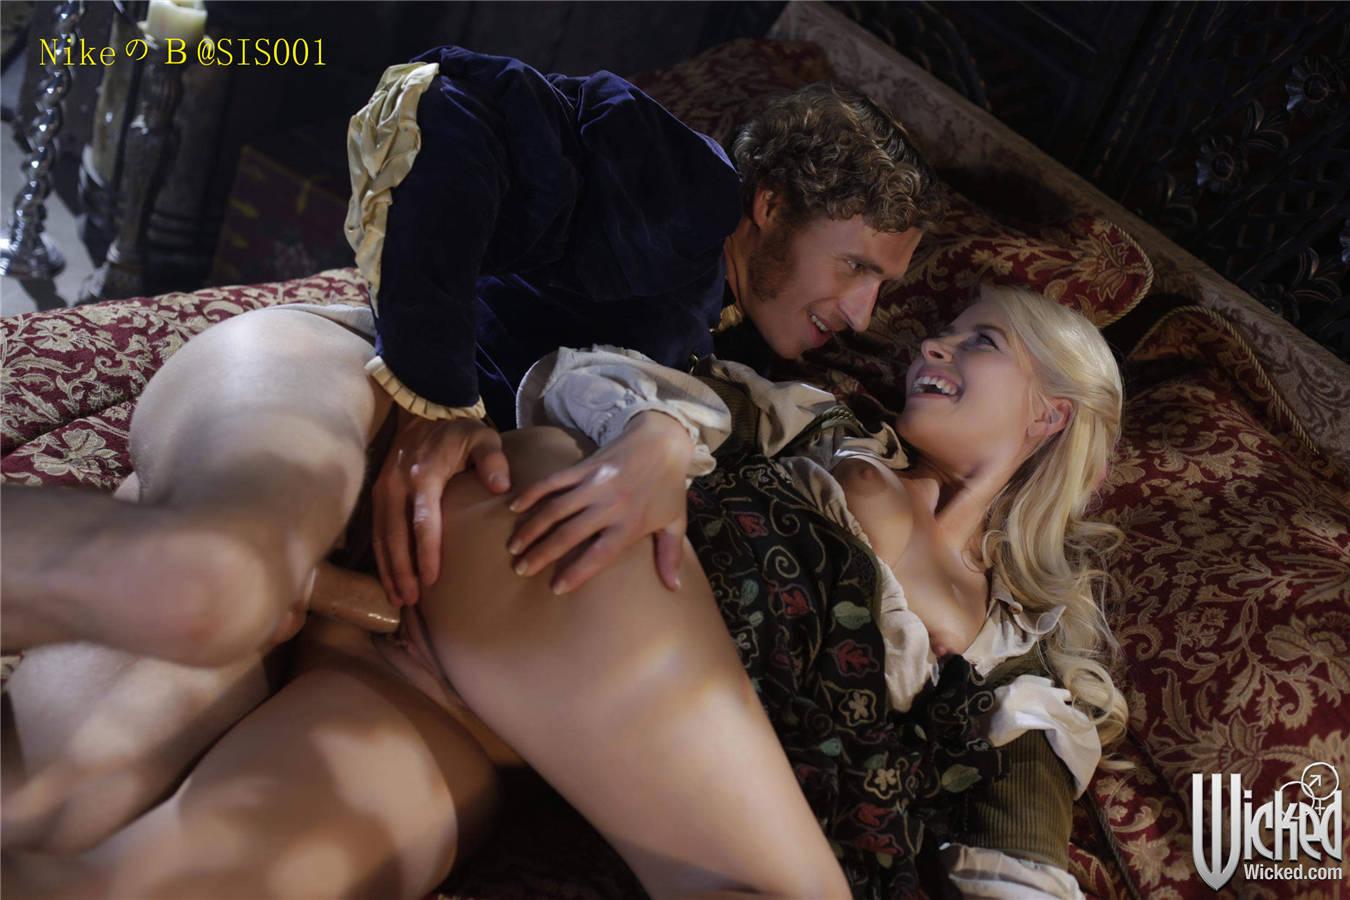 Чудовище и красавица порно фото, Порно дисней Красавица и Чудовище » Голые мульты 12 фотография